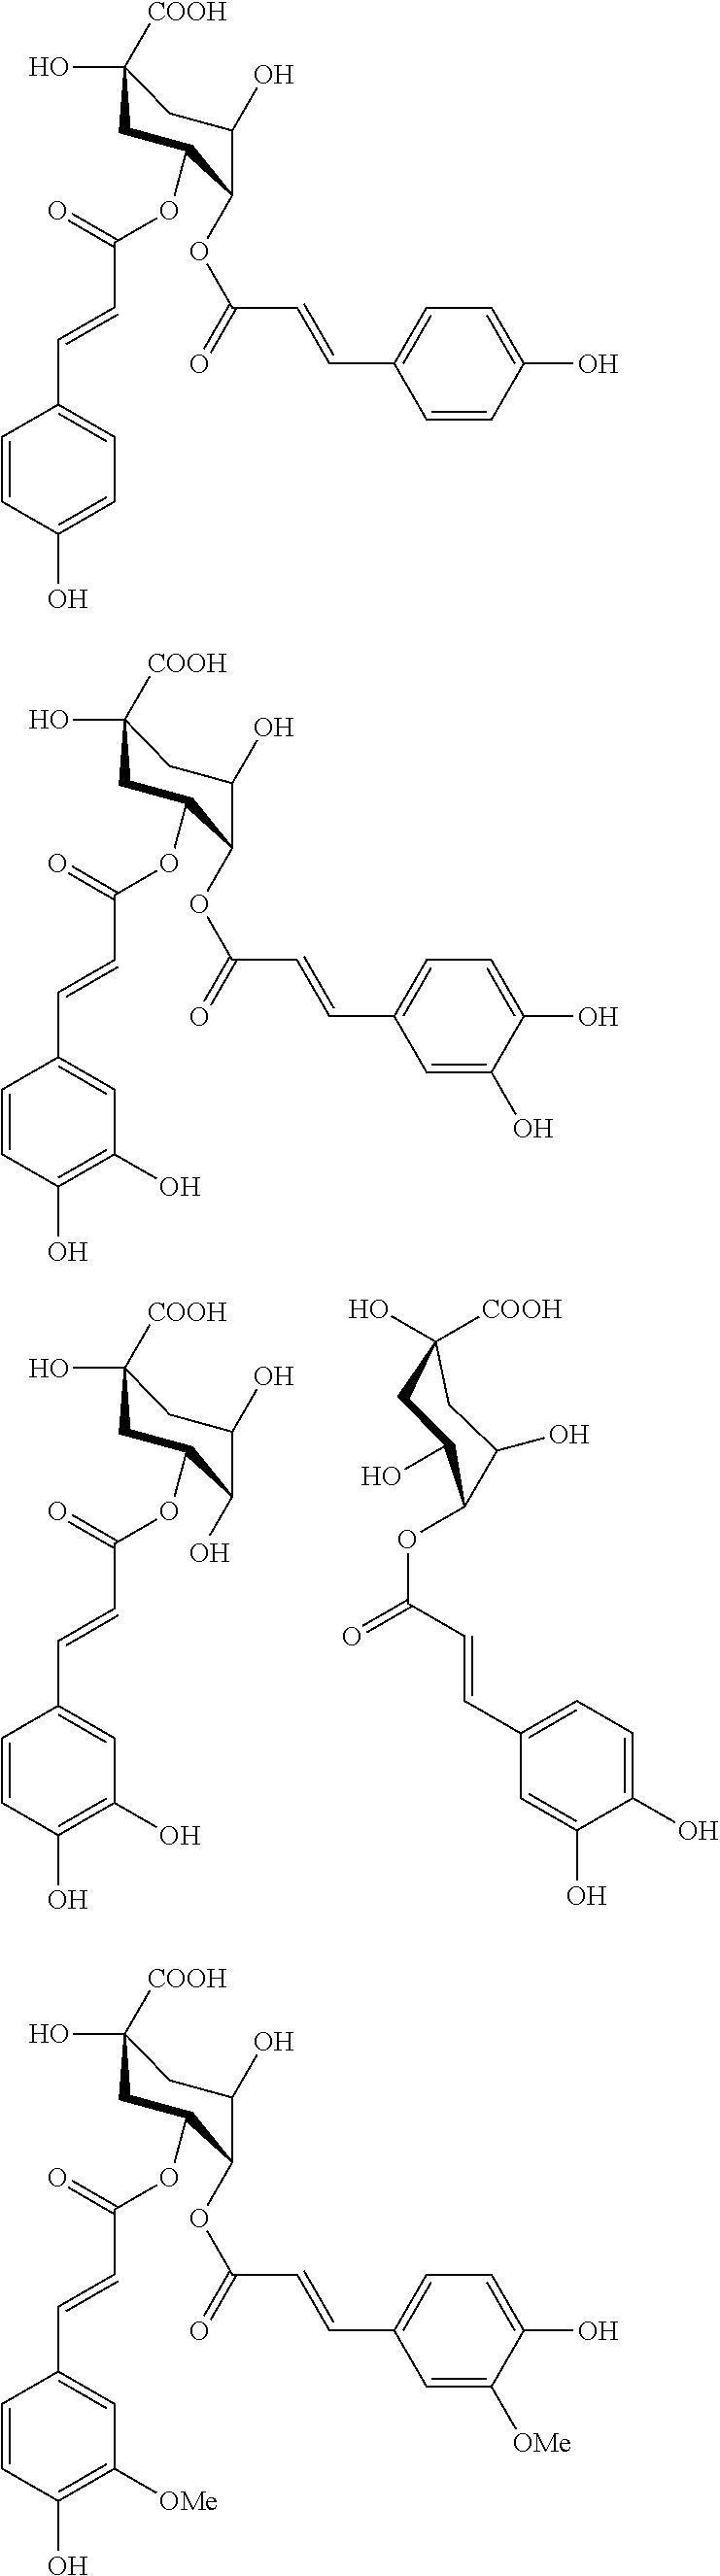 Figure US09962344-20180508-C00045